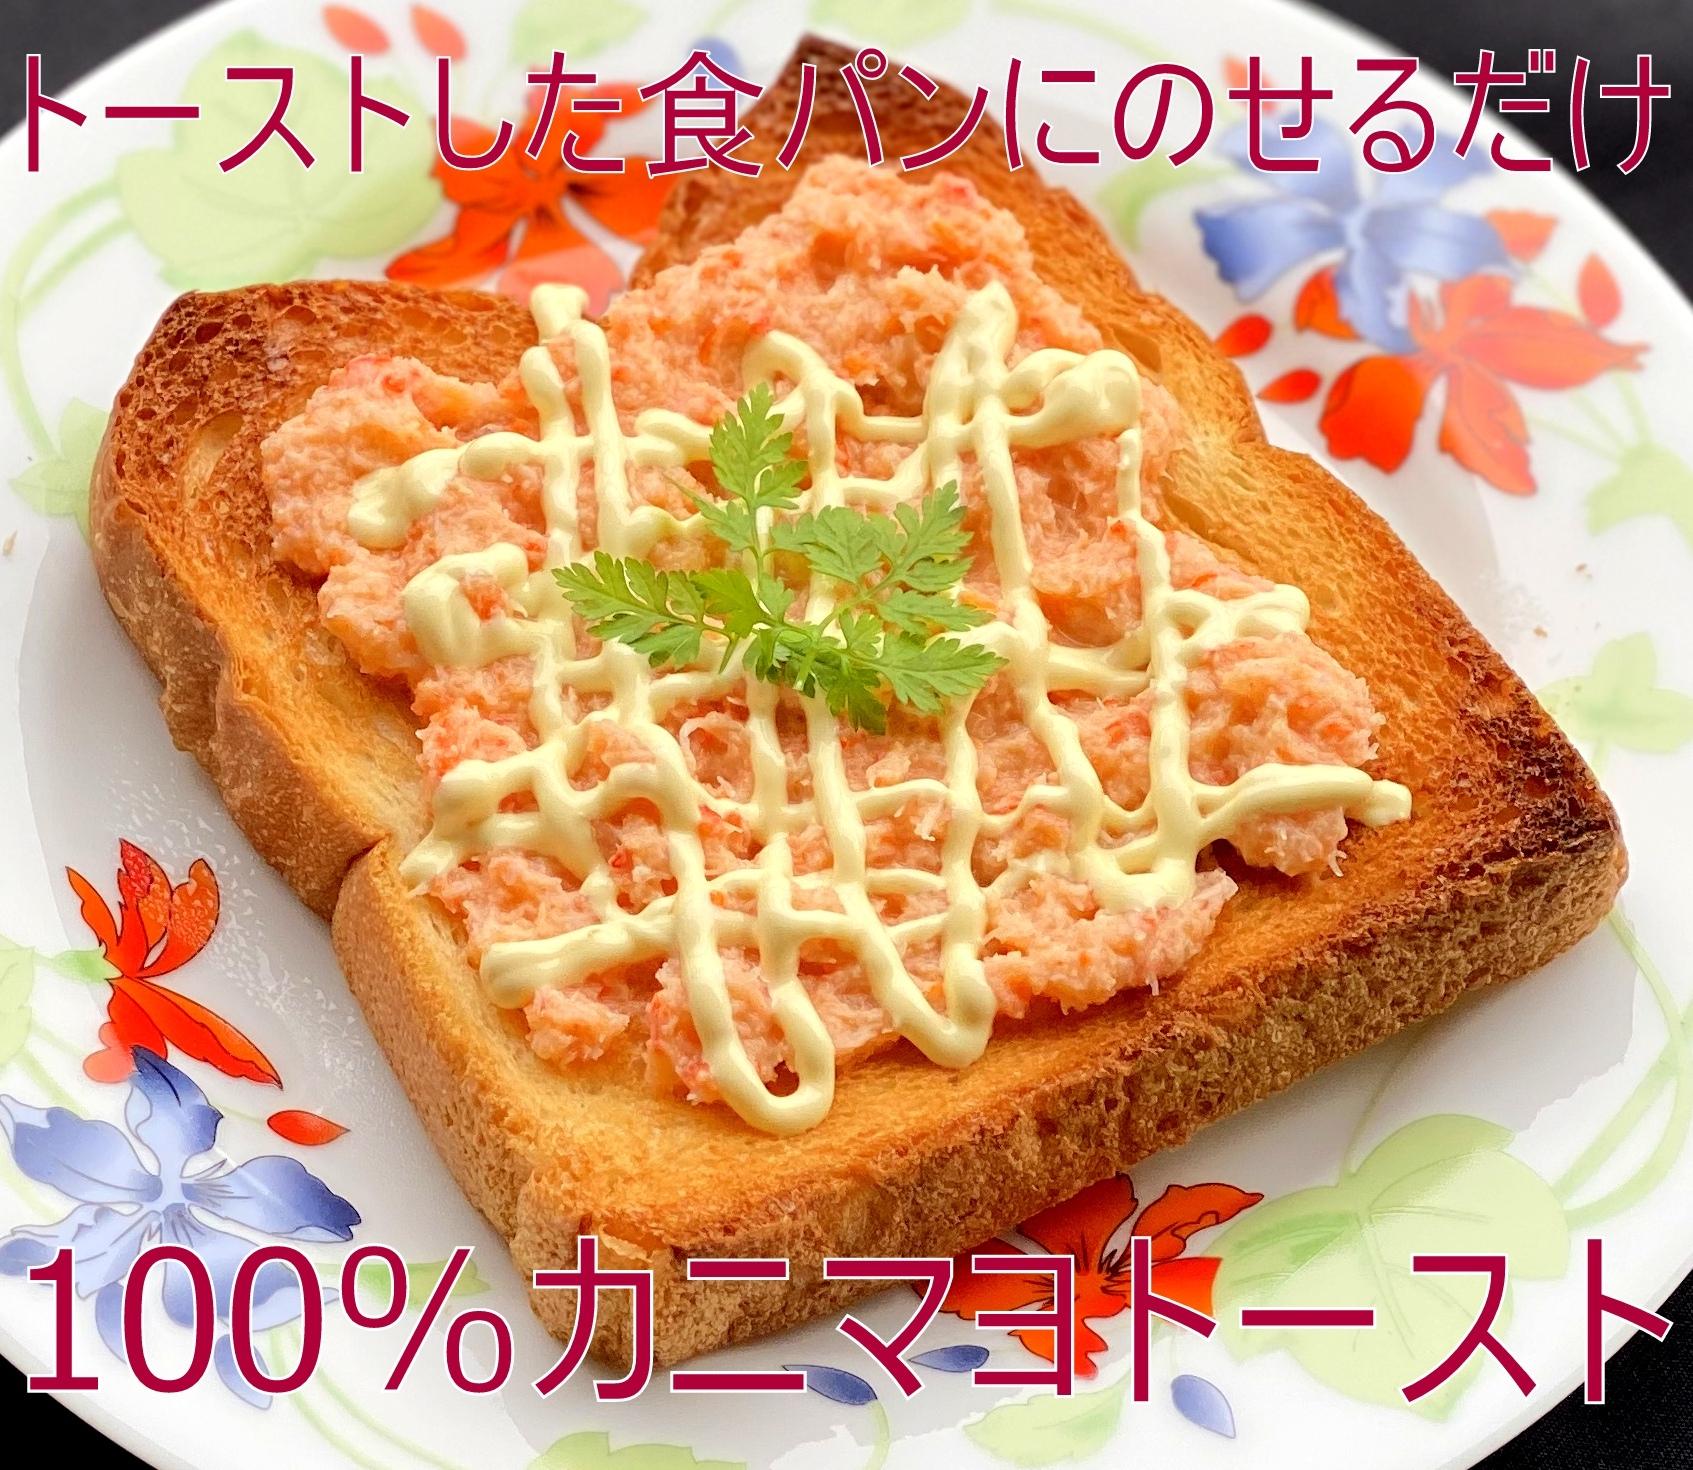 (0106)【100%本物のカニ】冷凍 カニマヨ(100%本物のカニ)200g×5袋